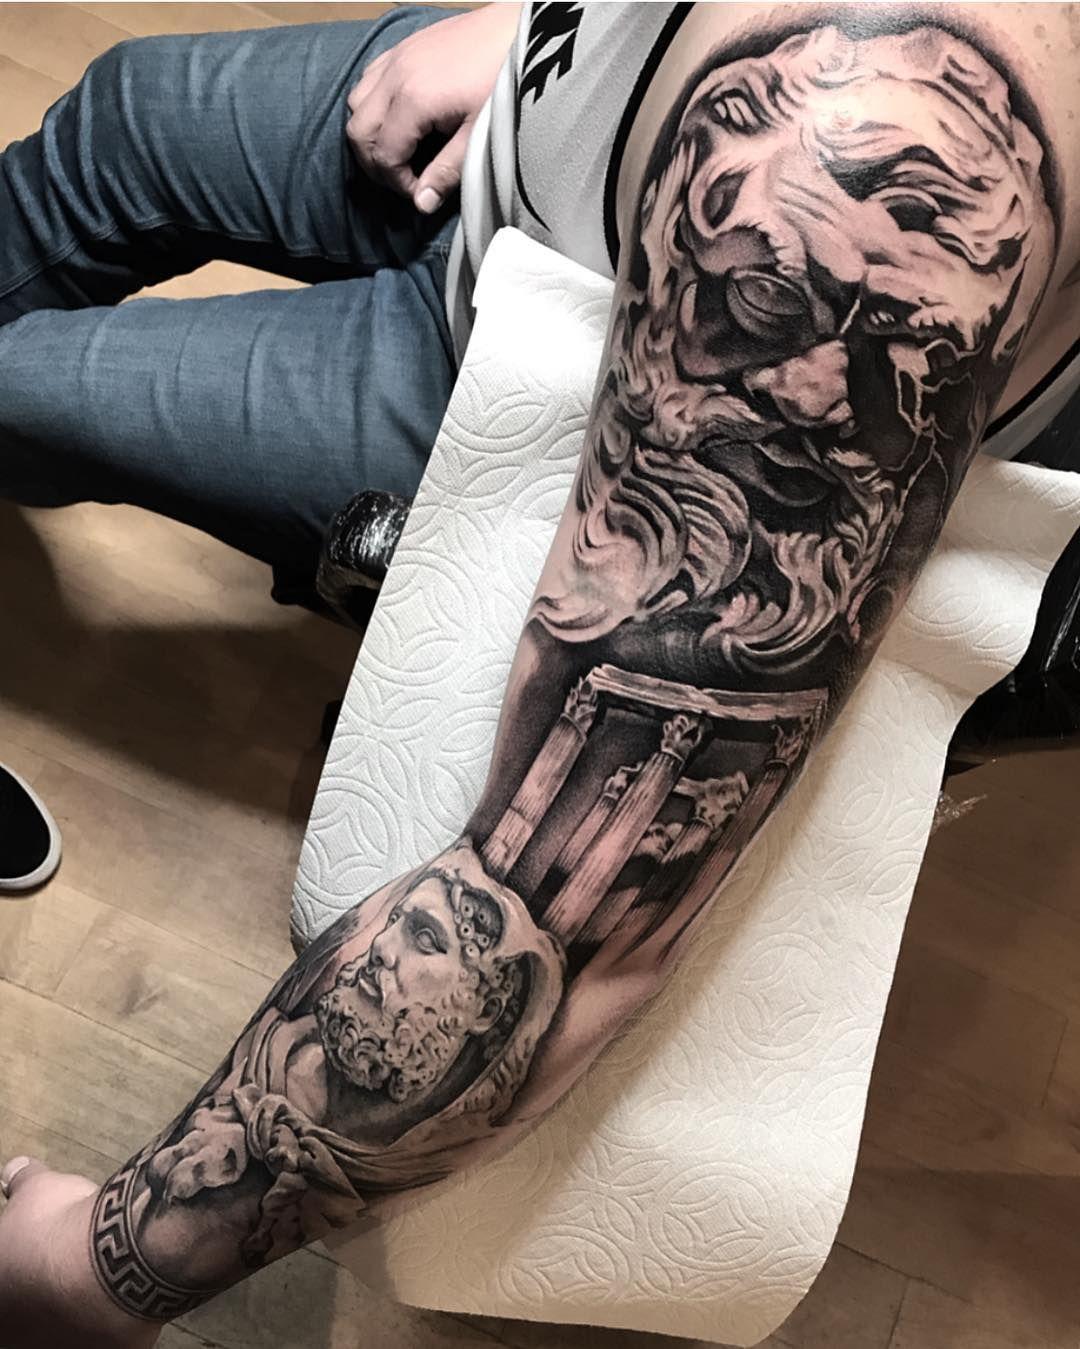 Greek Mythology Sleeve Tattoo Zeus Hercules Atlas Greek Tattoos Hercules Tattoo Greek Mythology Tattoos